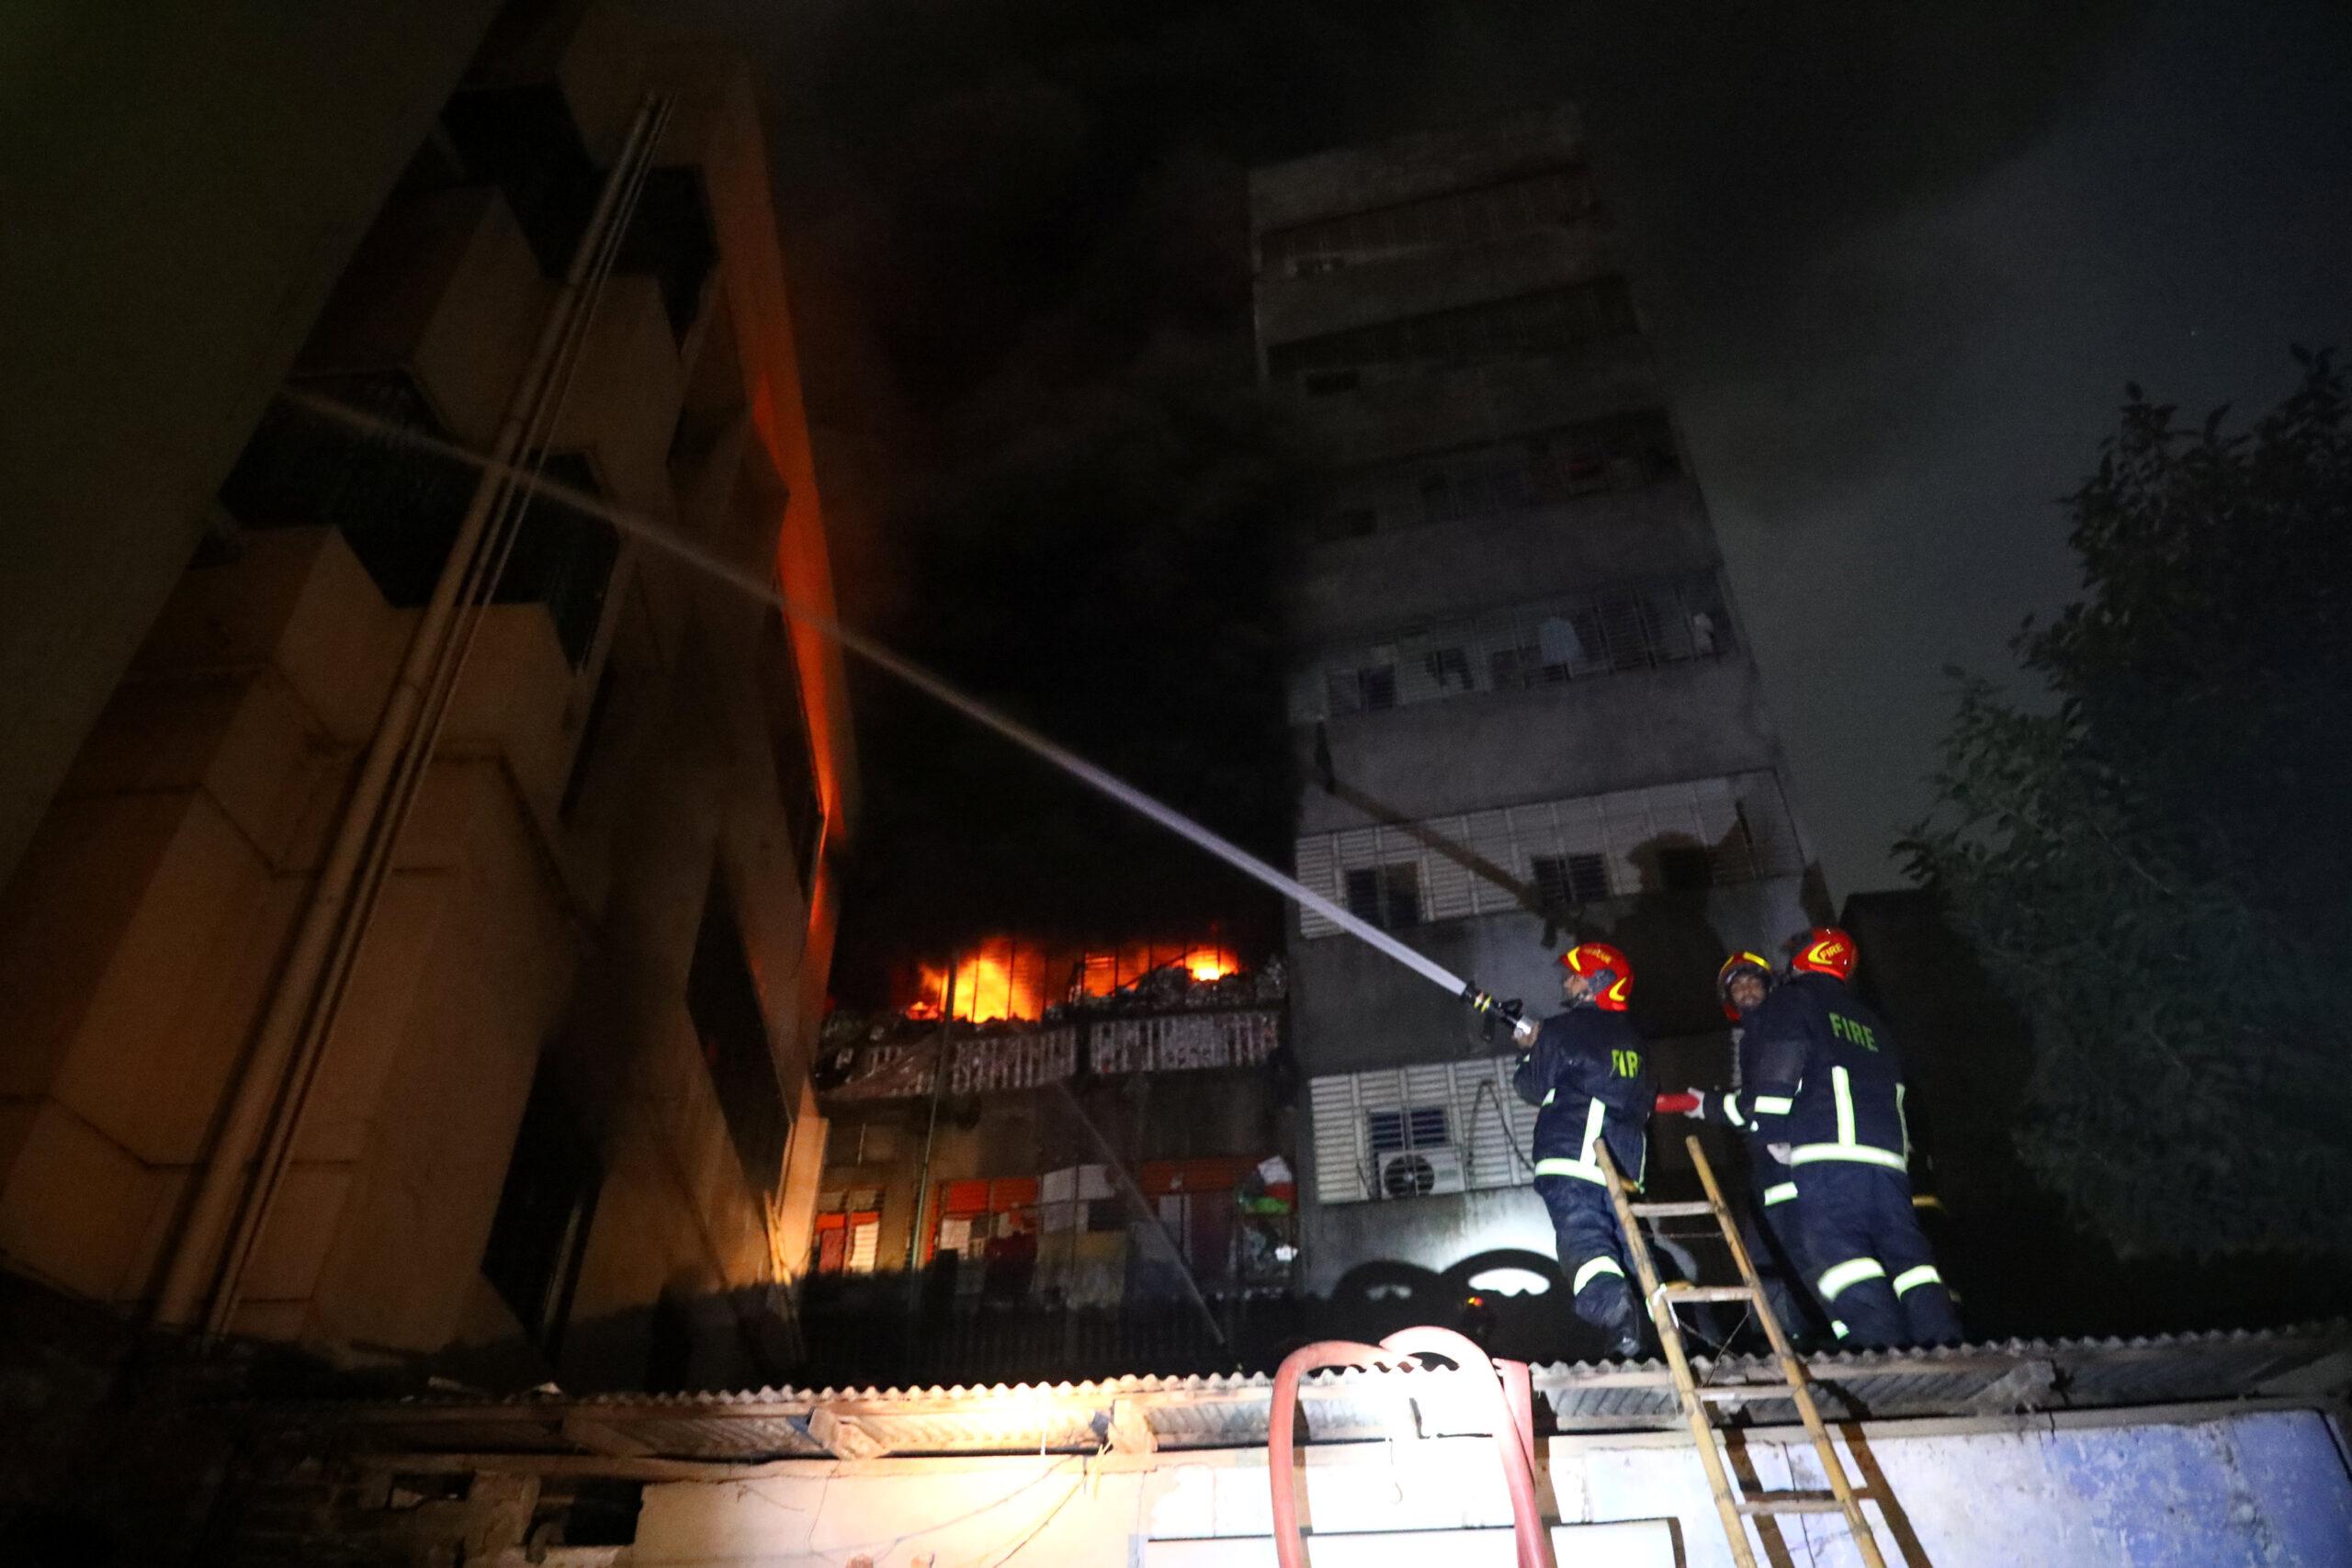 حريق هائل في دكا القديمة يخلف 77 قتيلا -إسلامي ميديا